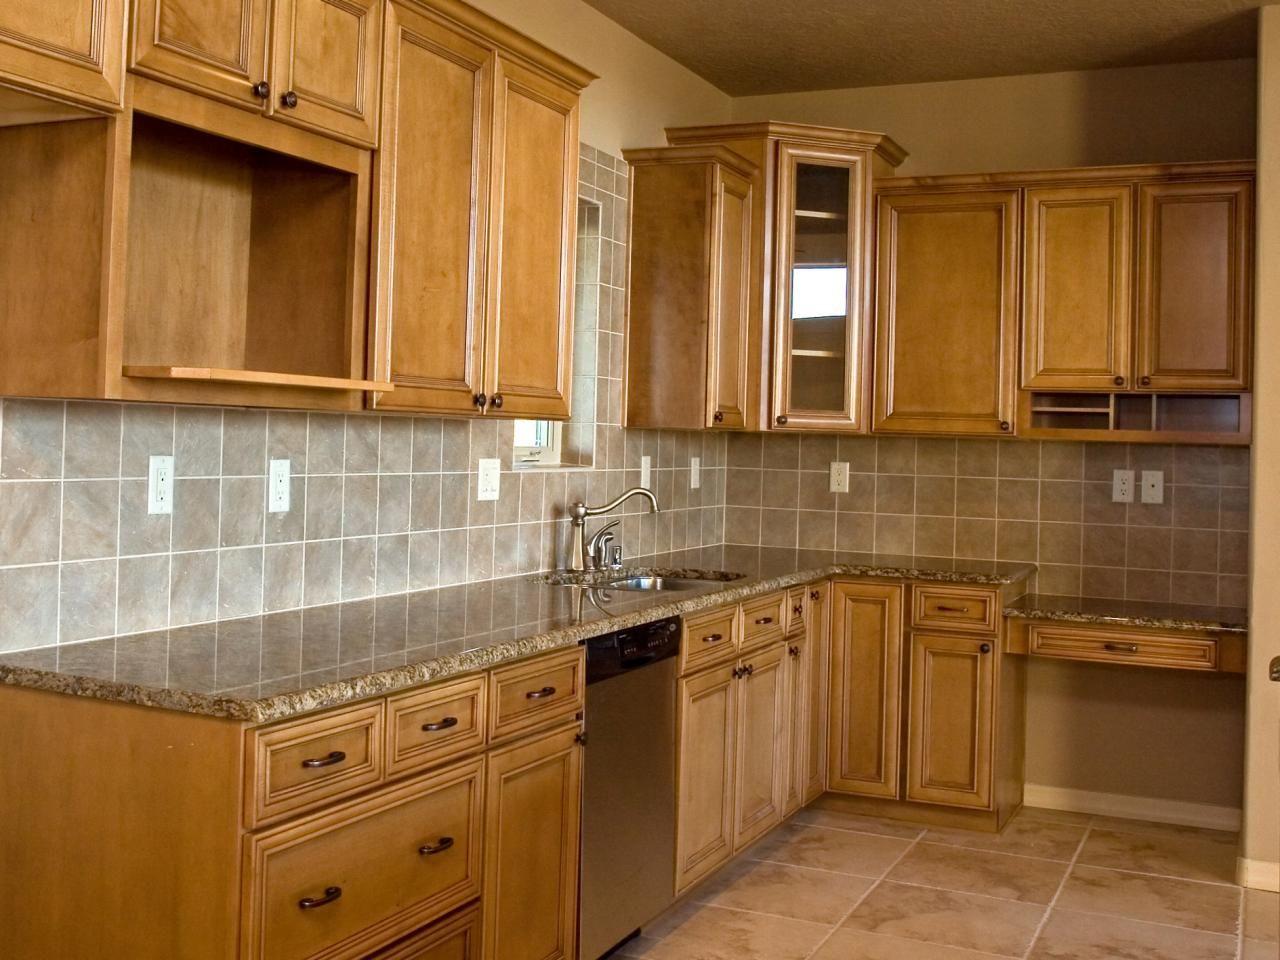 Küche Türen Dies ist die neueste Informationen auf die Küche